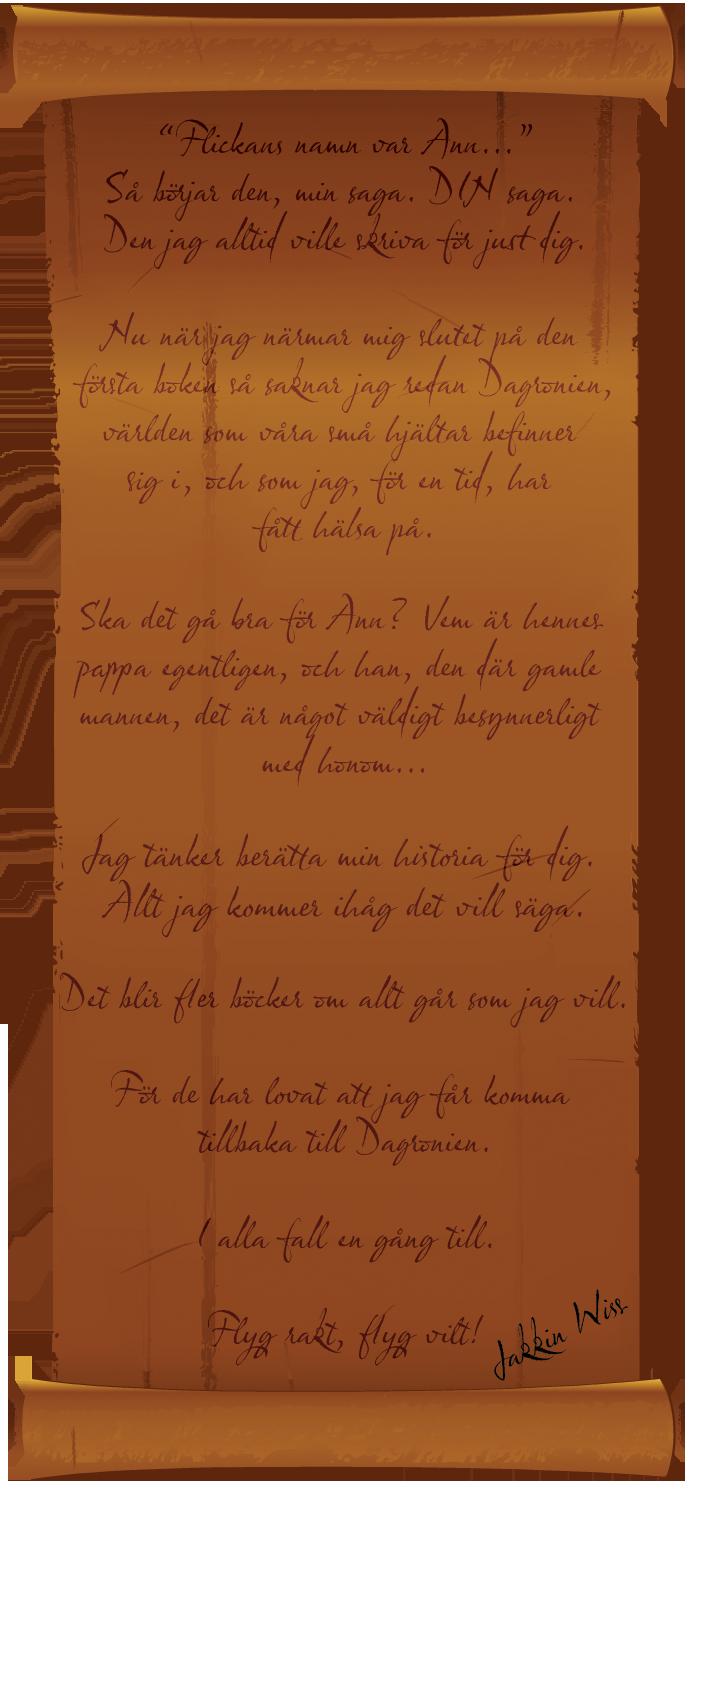 Scroll Drakjägarens Flika - Flickans namn var Ann - Rasteriserad text